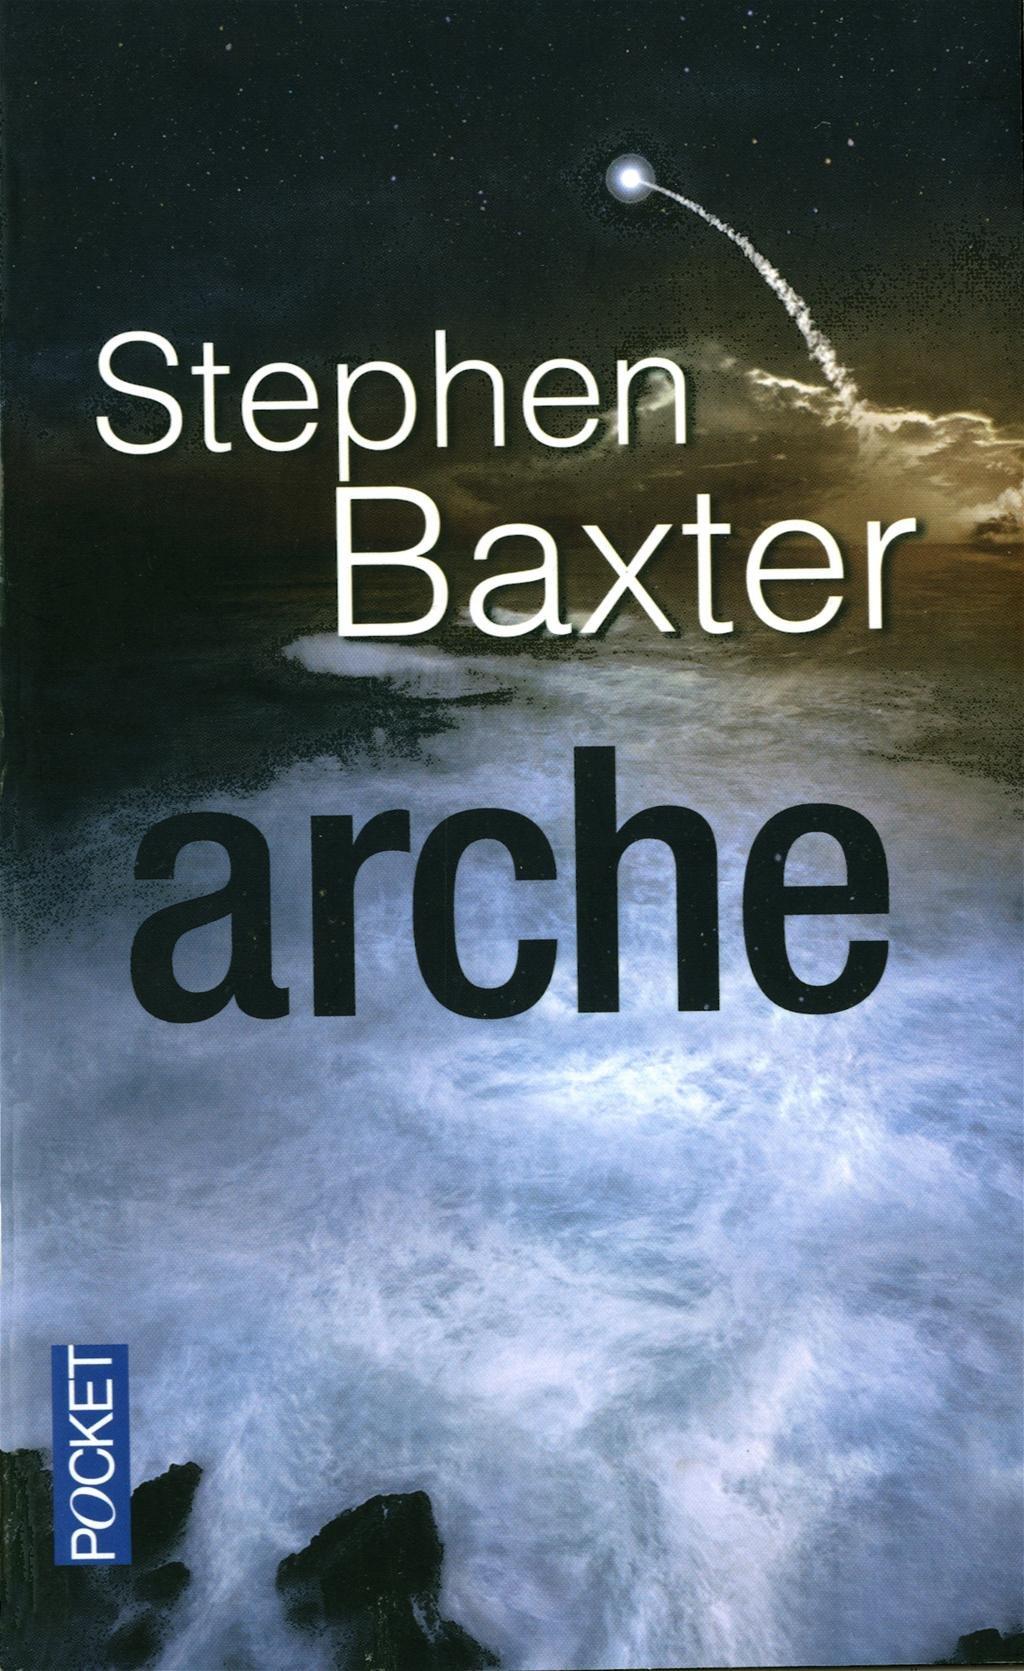 arche_stephen_baxter